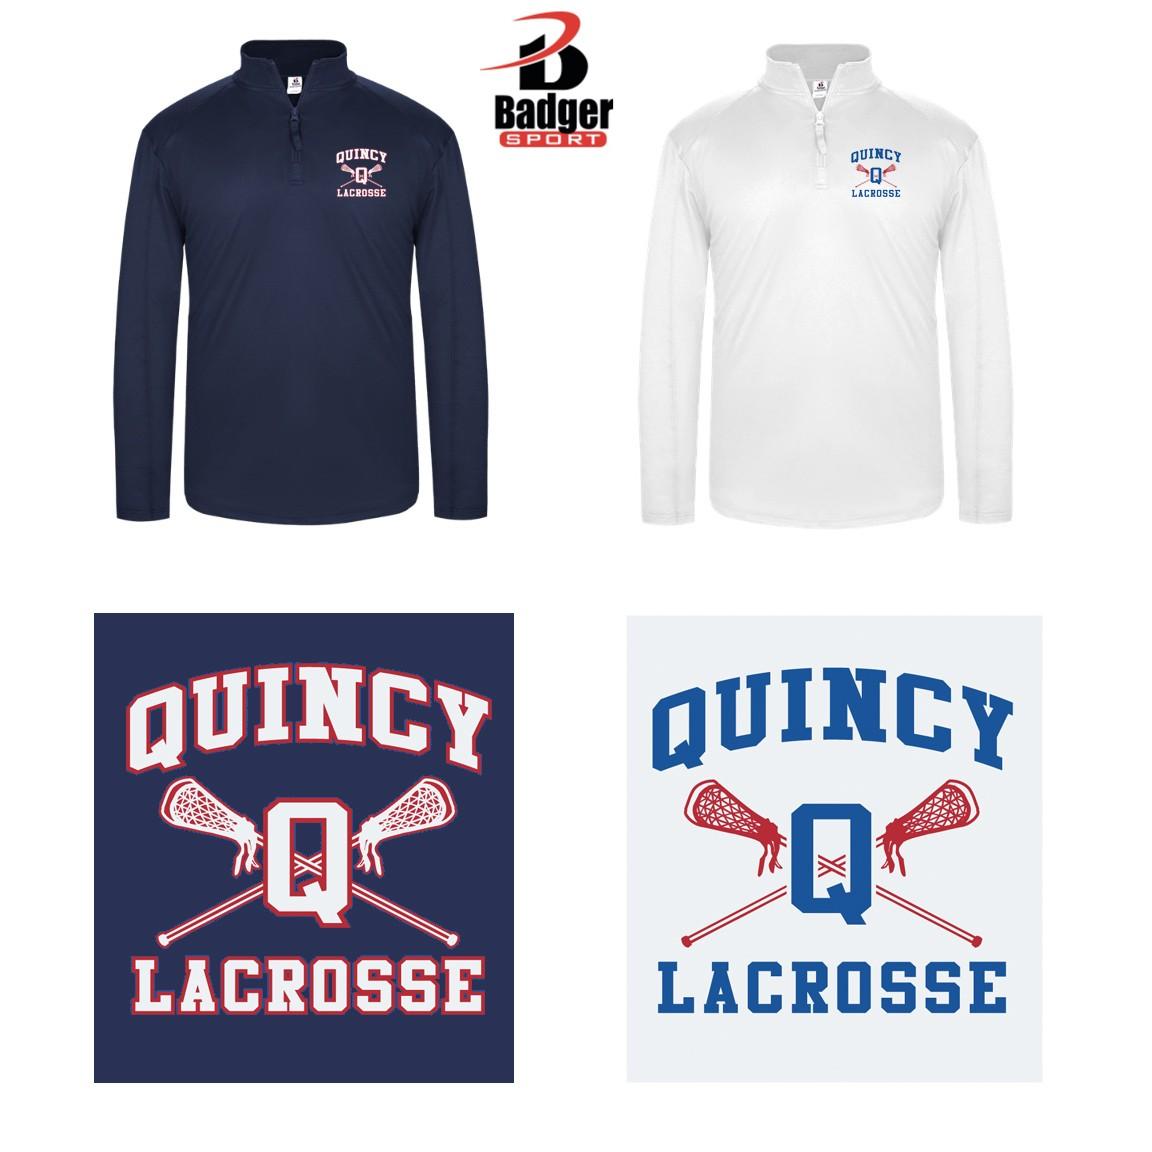 Quincy Lacrosse Badger 1/4 Zip Mens LightWeight Pullover